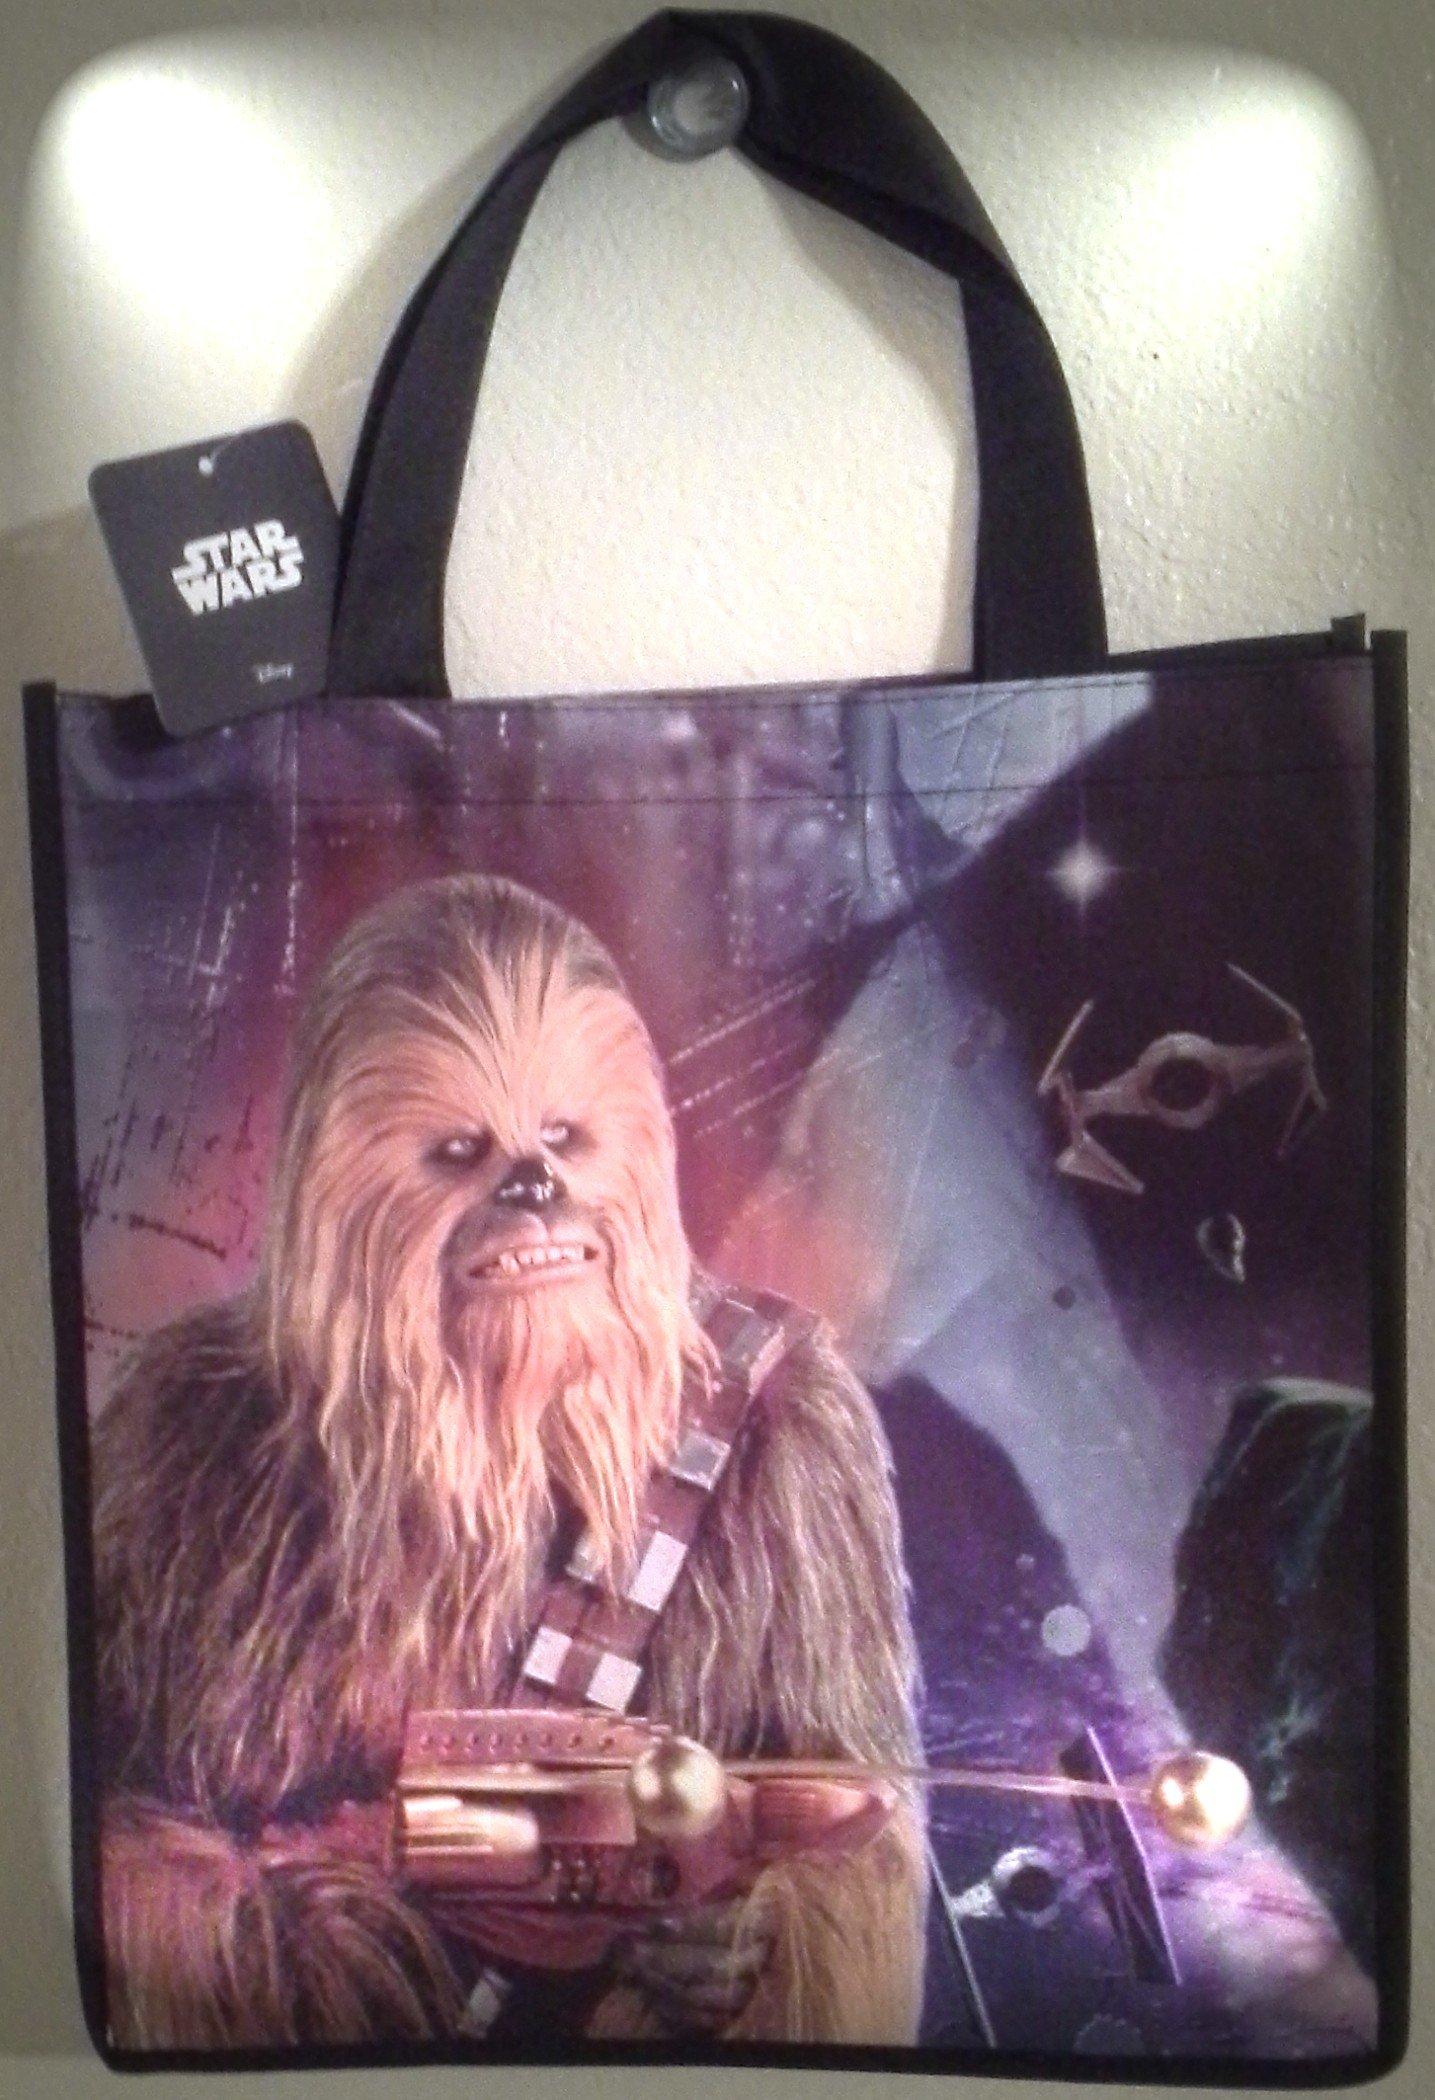 Star Wars Chewbacca Gift Bag / Tote Bag